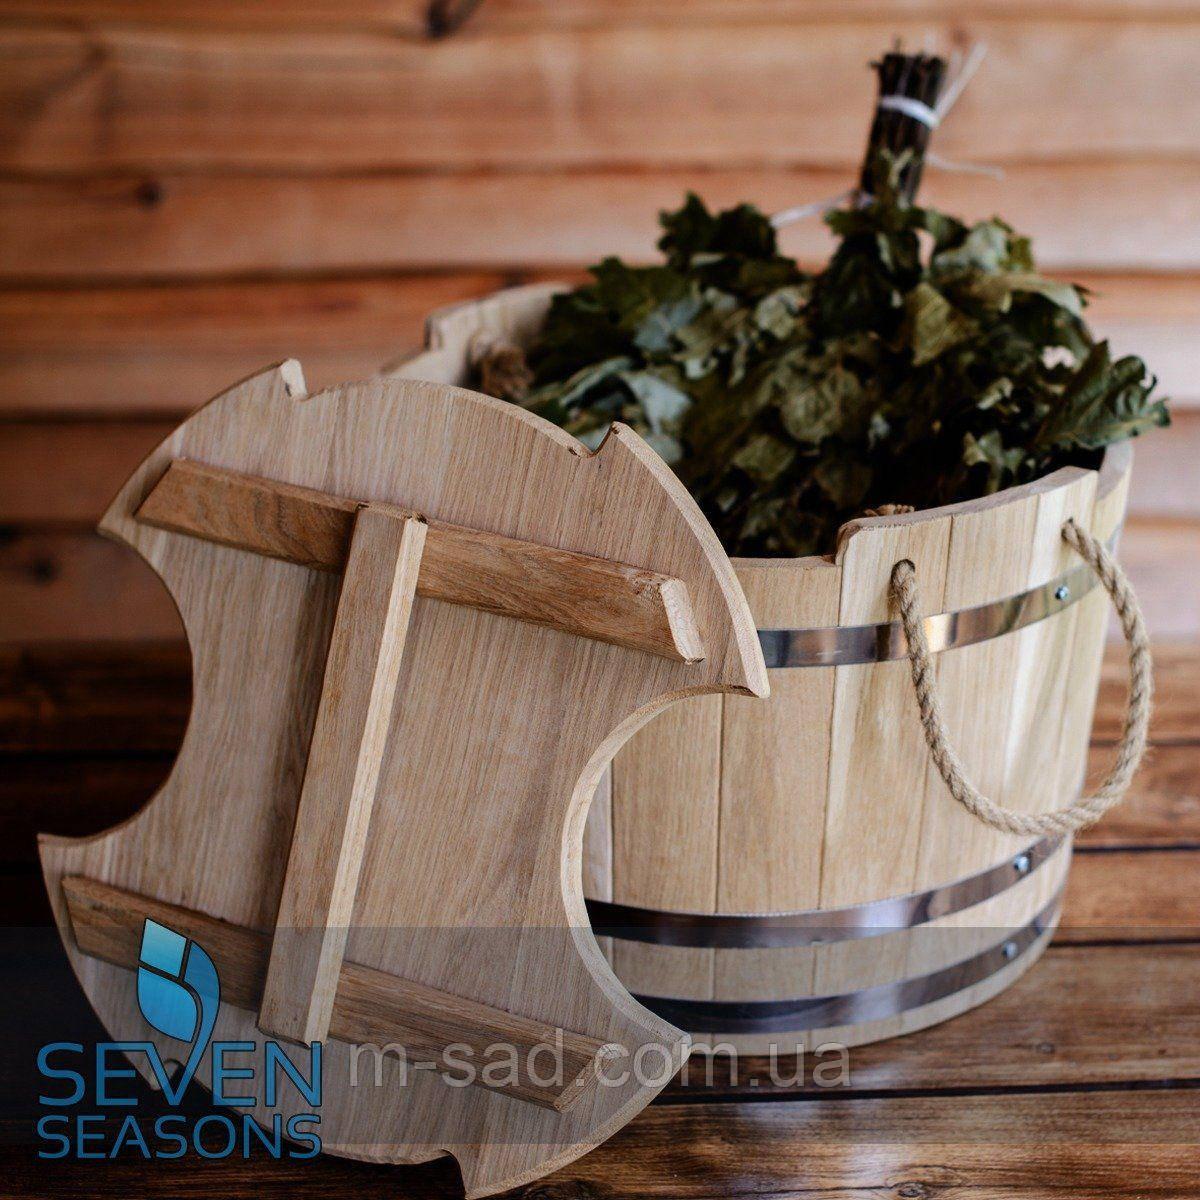 Запарник для веников Seven Seasons™, 25 литров